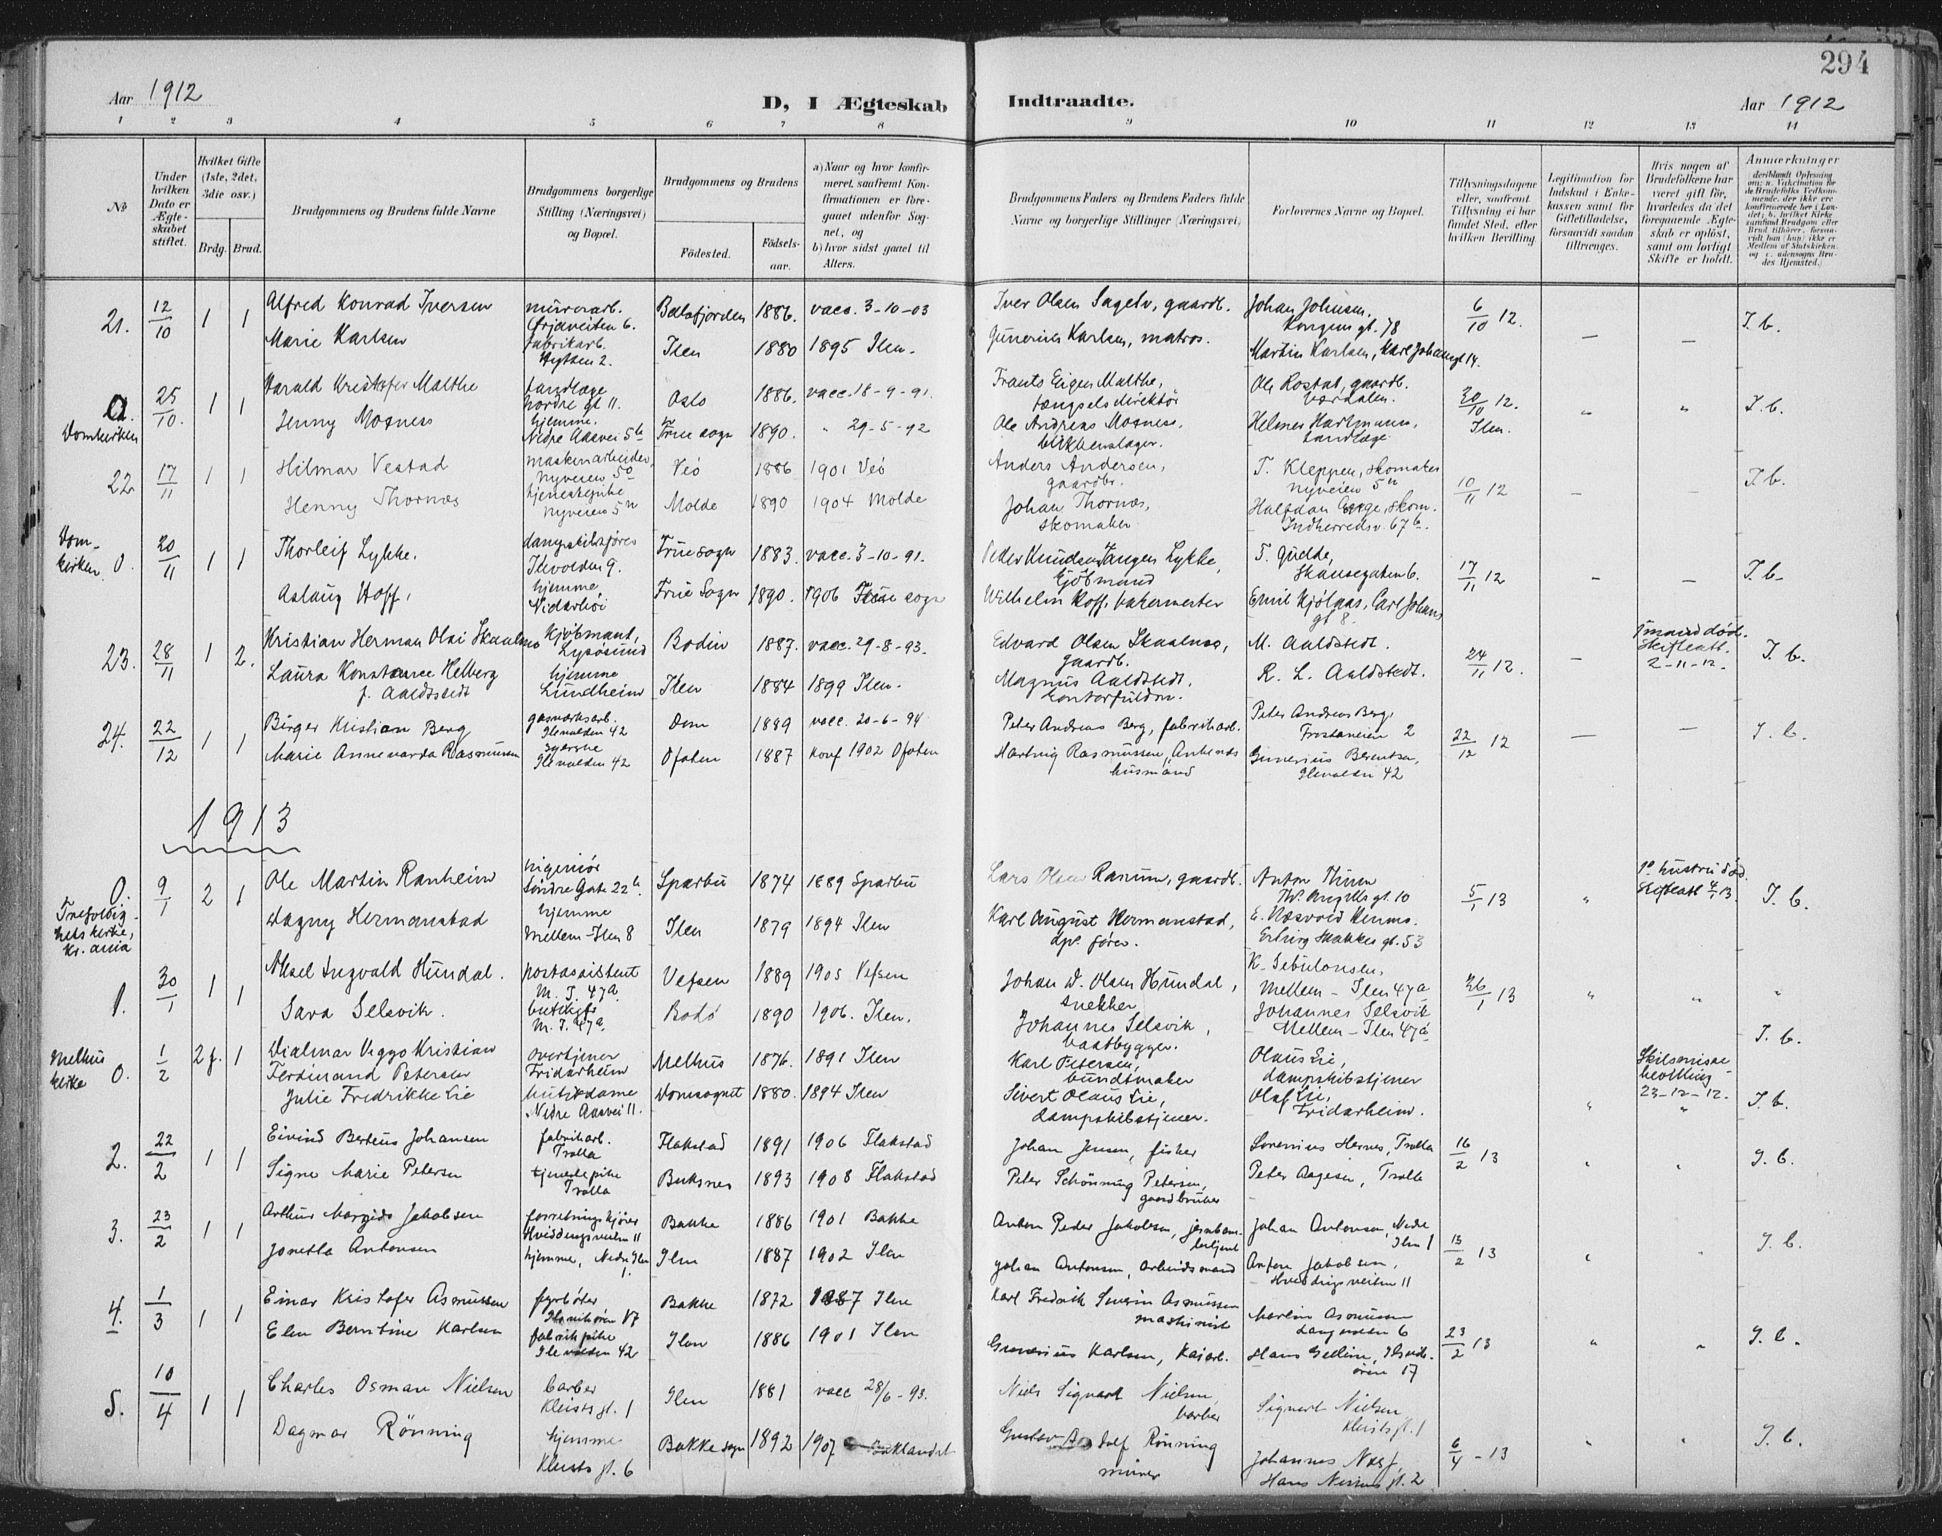 SAT, Ministerialprotokoller, klokkerbøker og fødselsregistre - Sør-Trøndelag, 603/L0167: Ministerialbok nr. 603A06, 1896-1932, s. 294